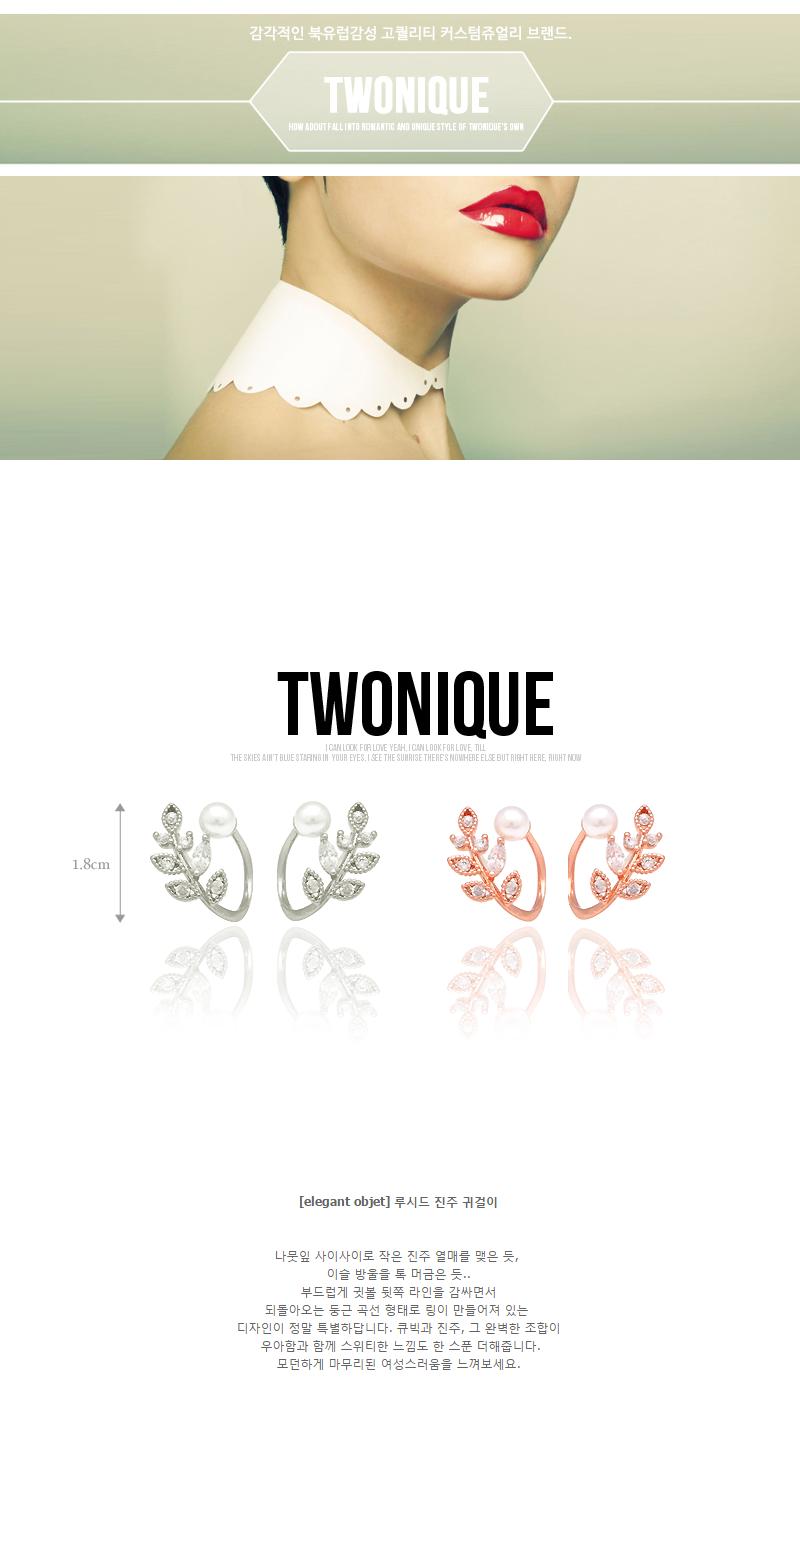 루시드 진주 귀걸이9,900원-투니크패션잡화, 주얼리, 귀걸이, 실버바보사랑루시드 진주 귀걸이9,900원-투니크패션잡화, 주얼리, 귀걸이, 실버바보사랑